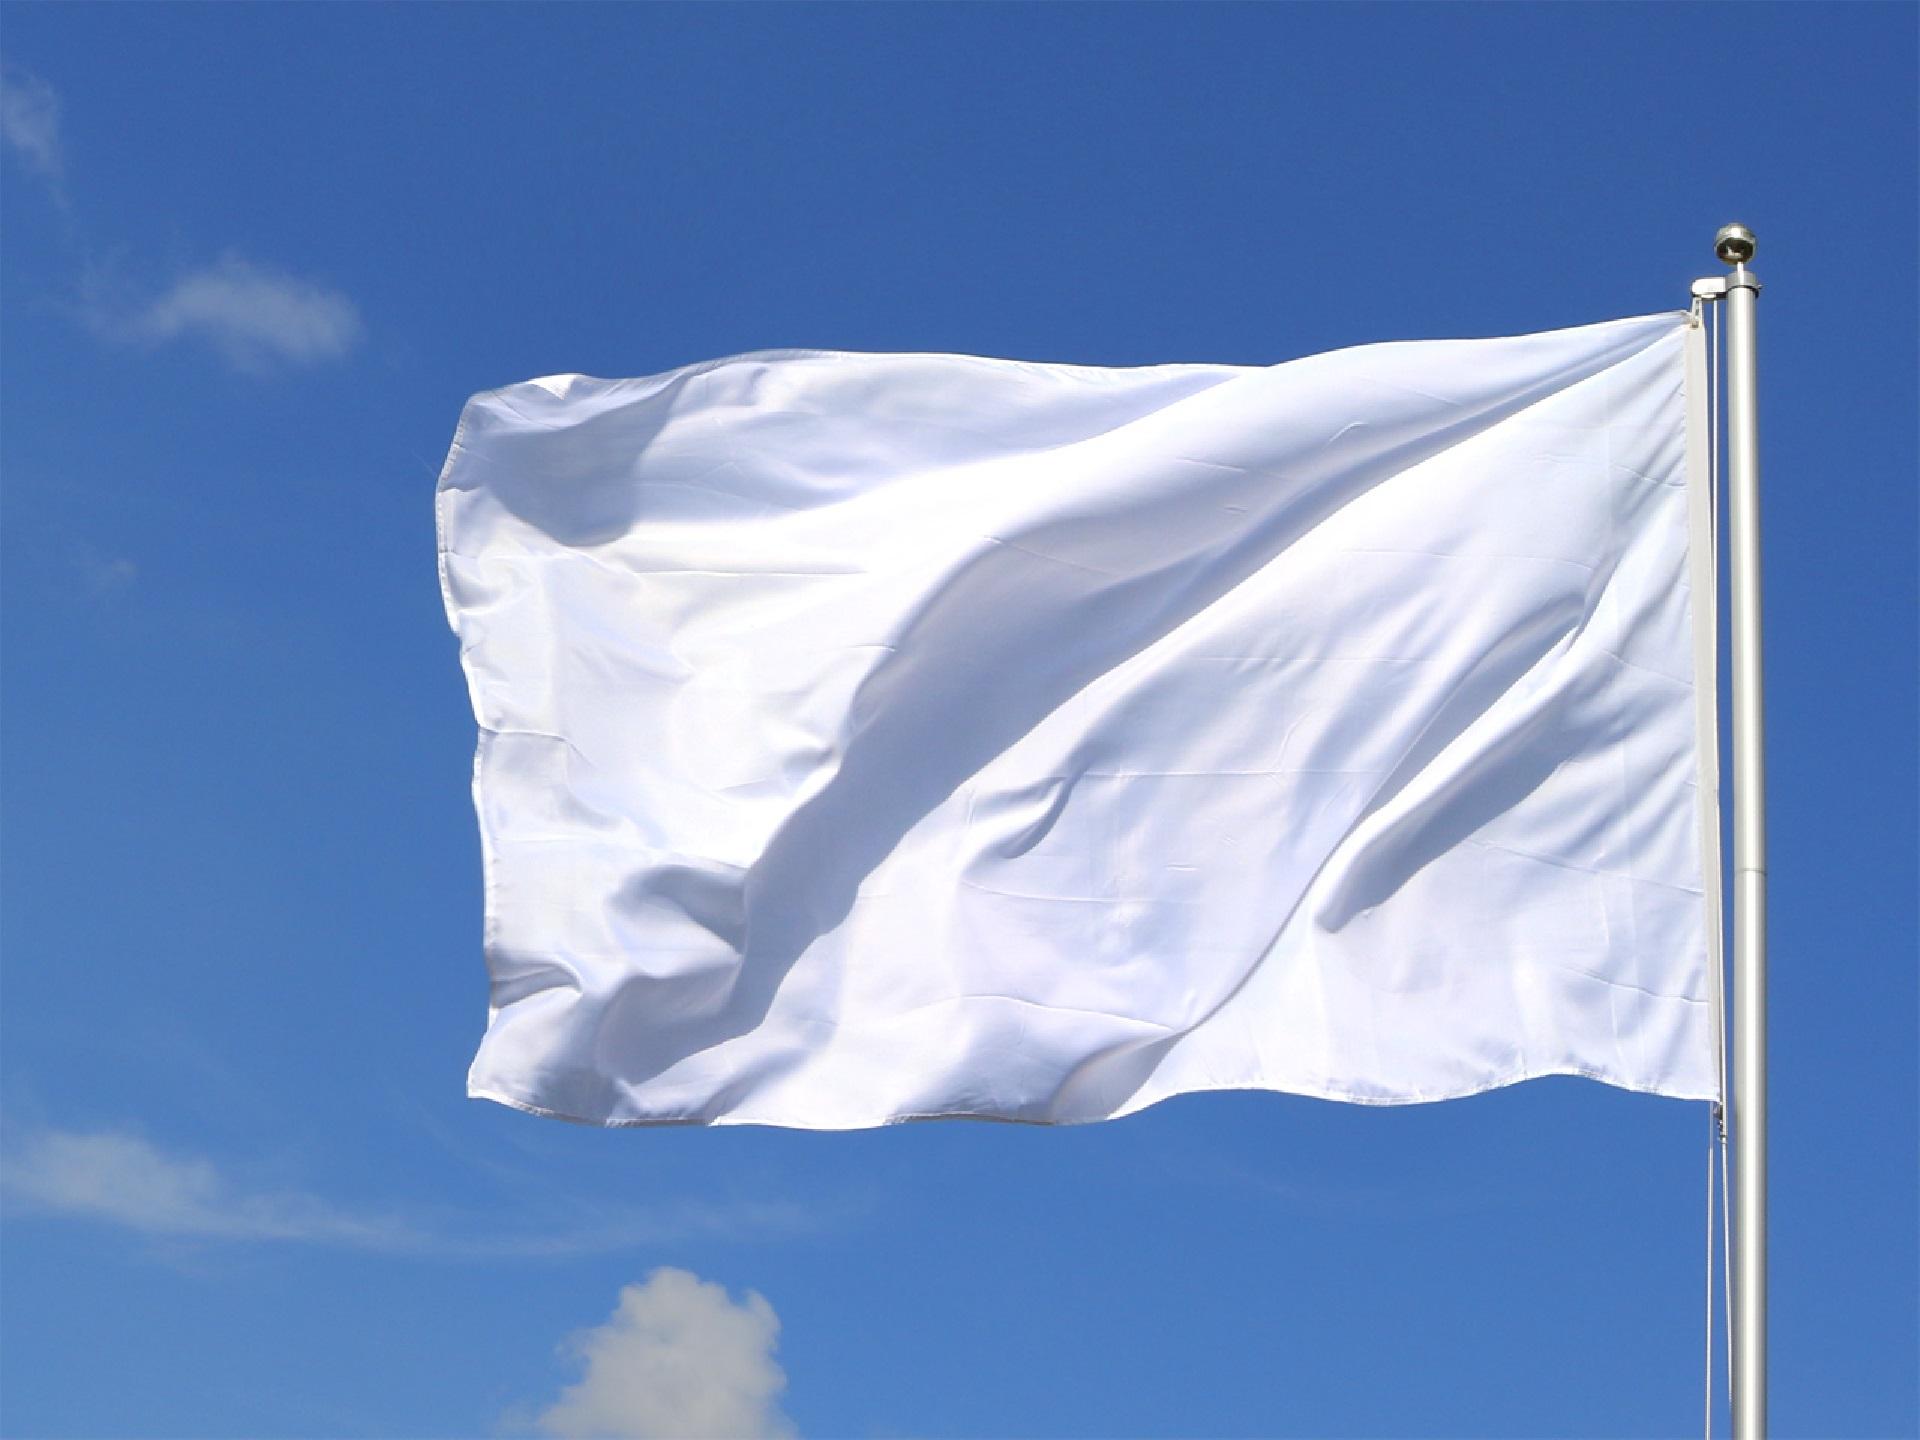 тебя белый флаг картинка обращения глиной